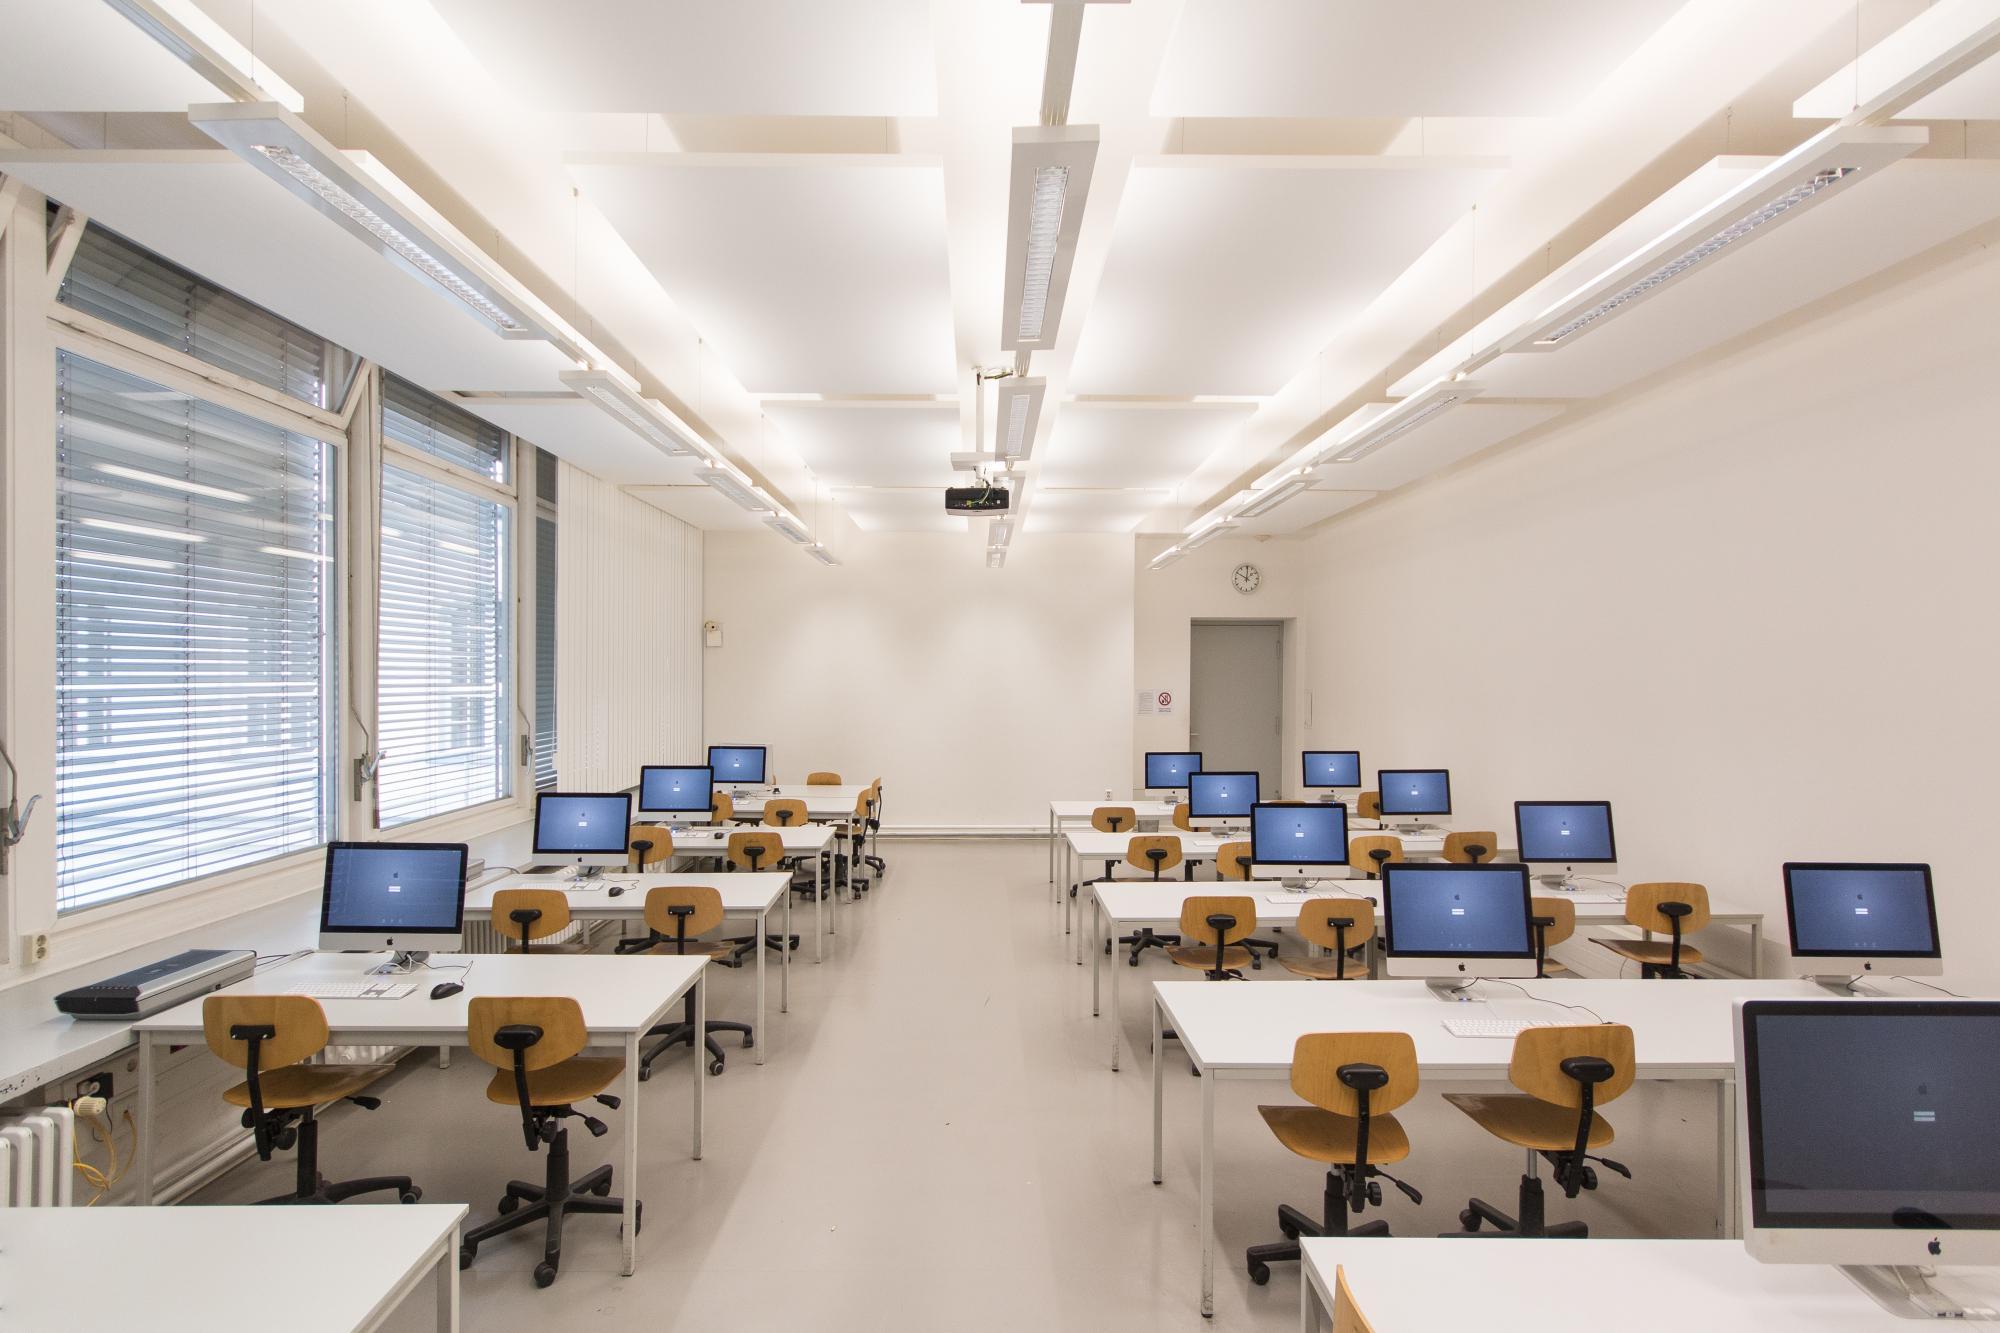 Cad lab universit t der k nste berlin for Studium der architektur